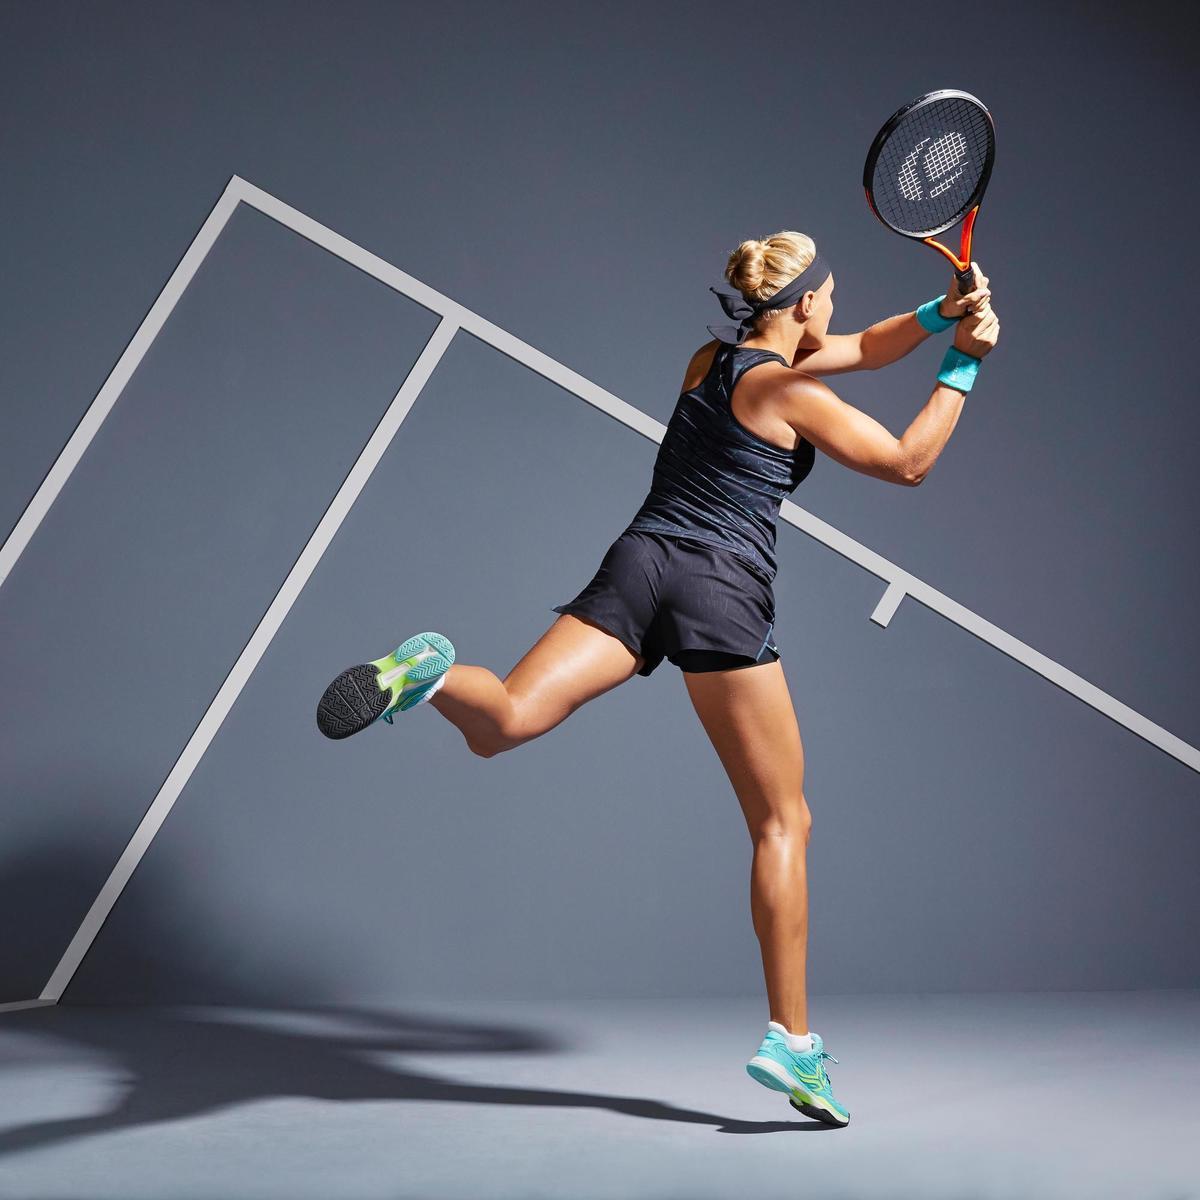 Bild 3 von Tennis-Top TK Light 900 Damen schwarz